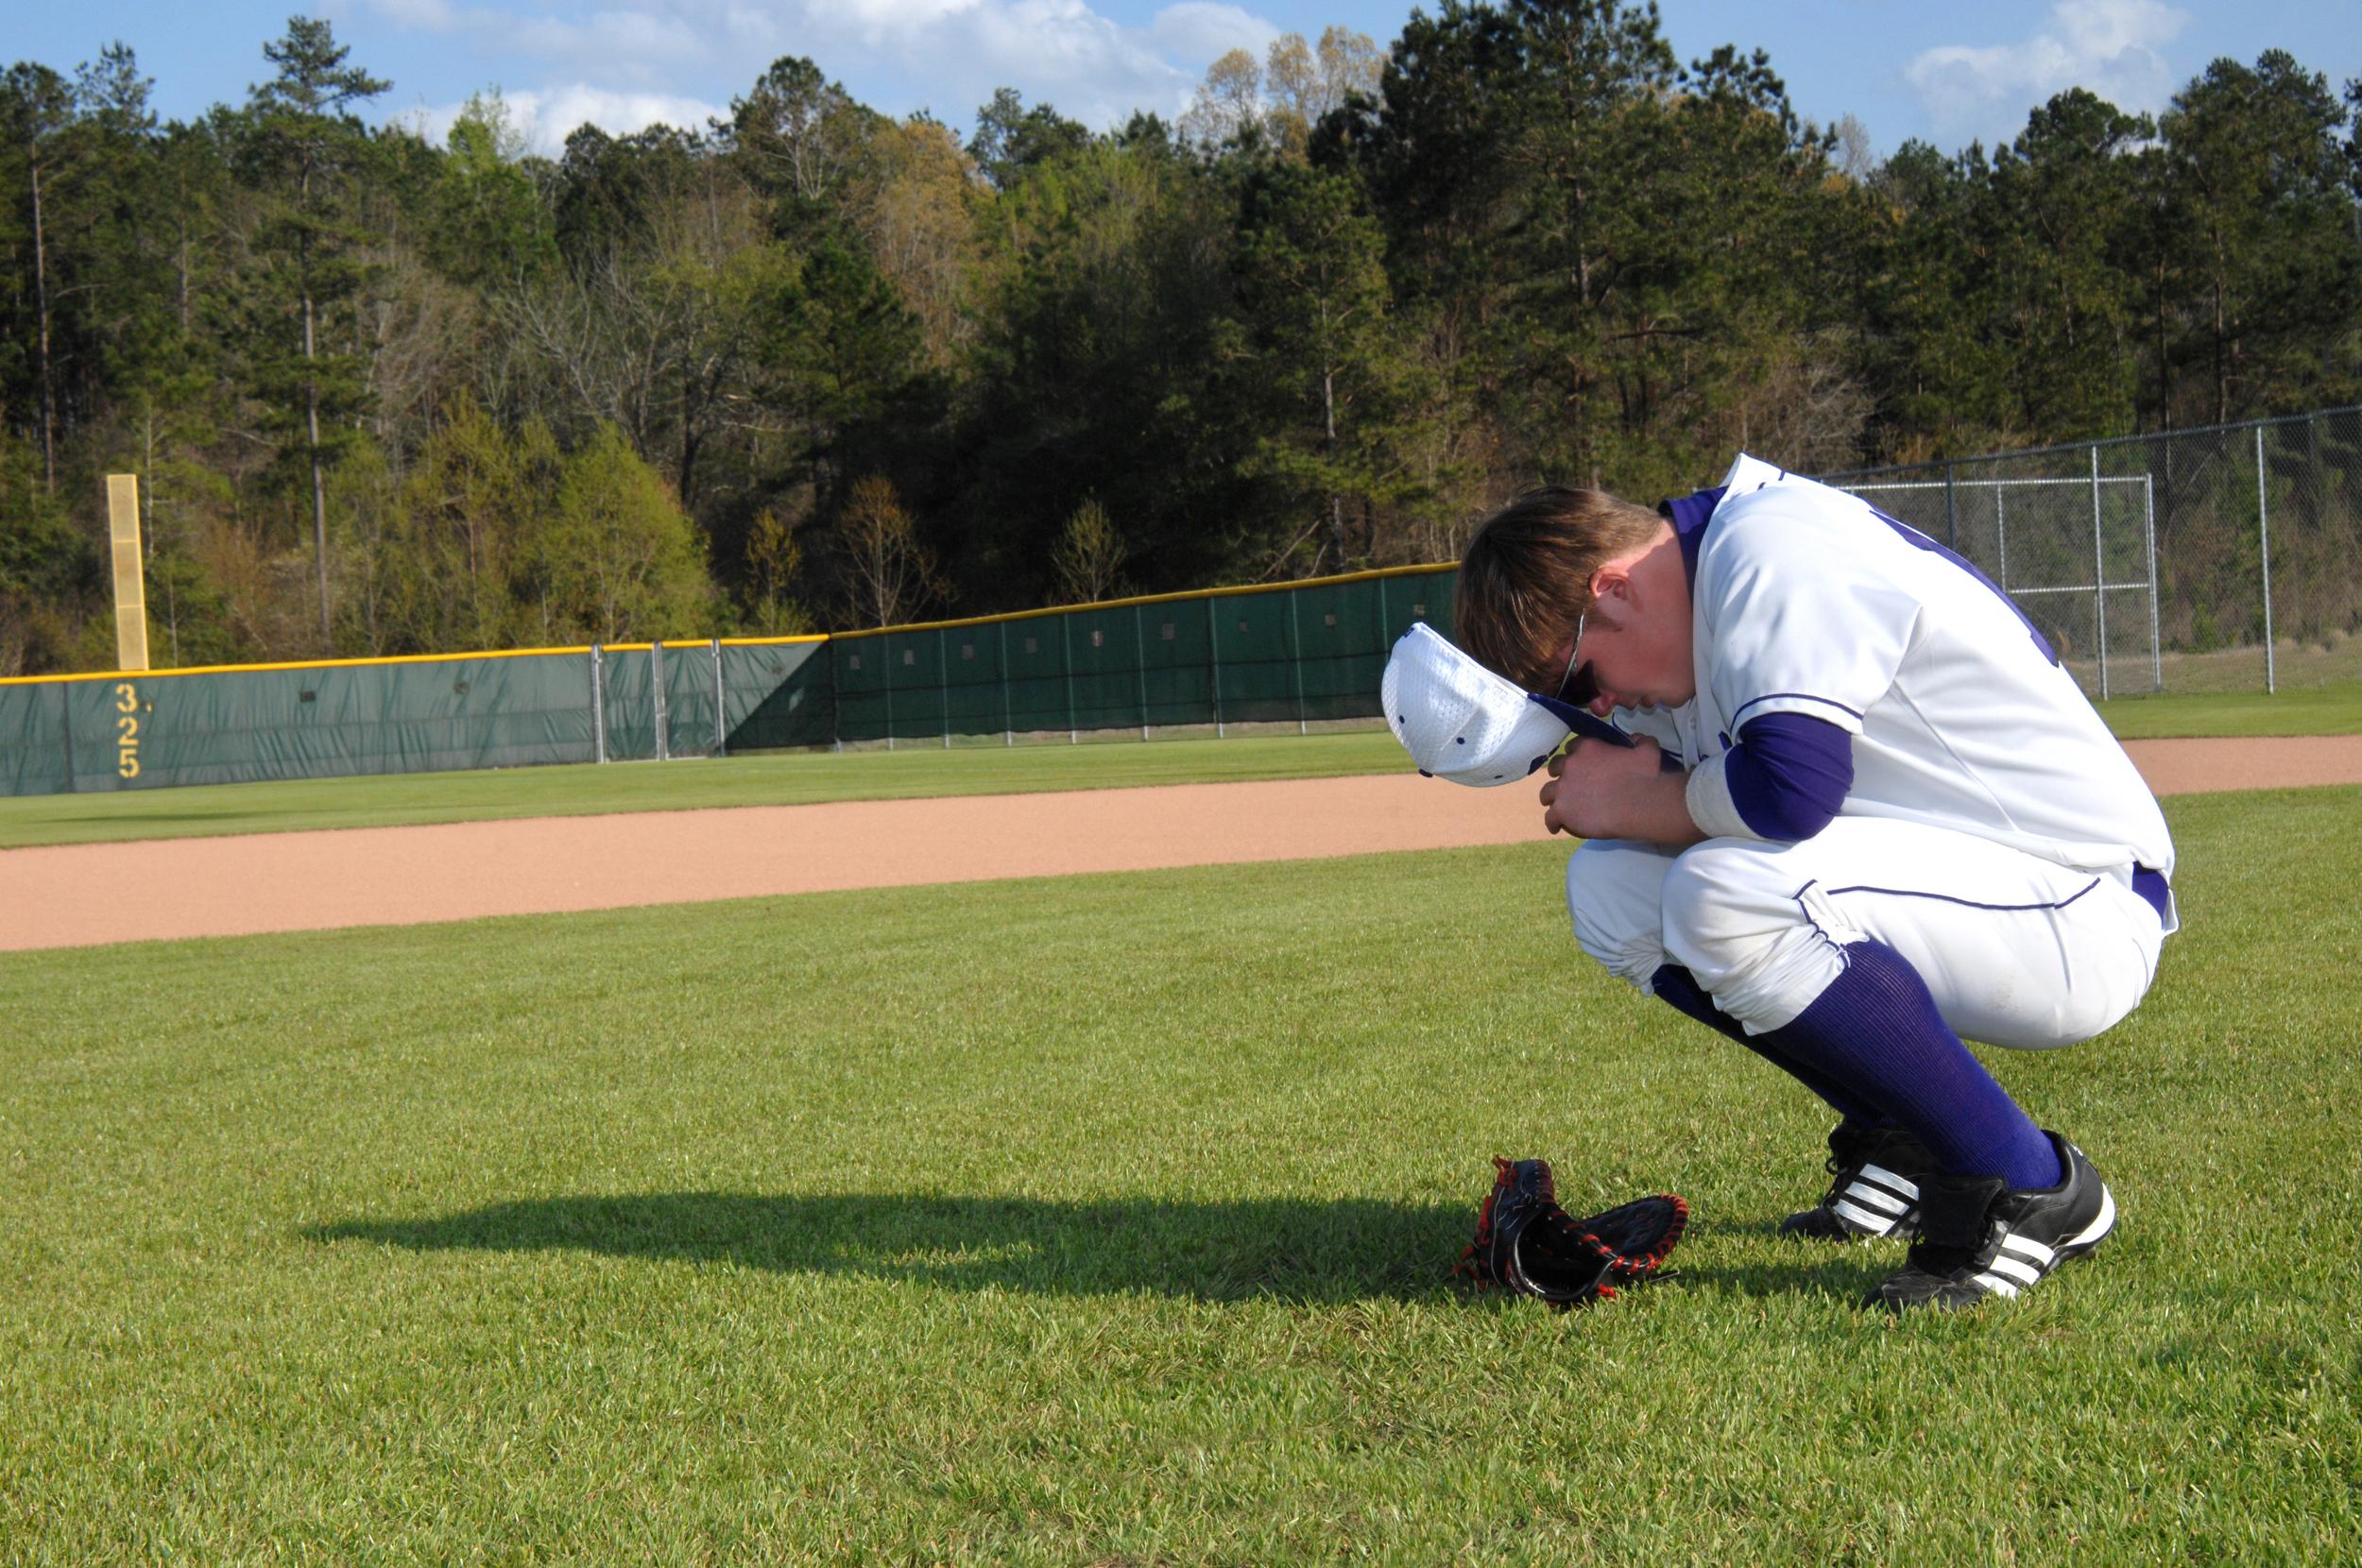 praying baseball player